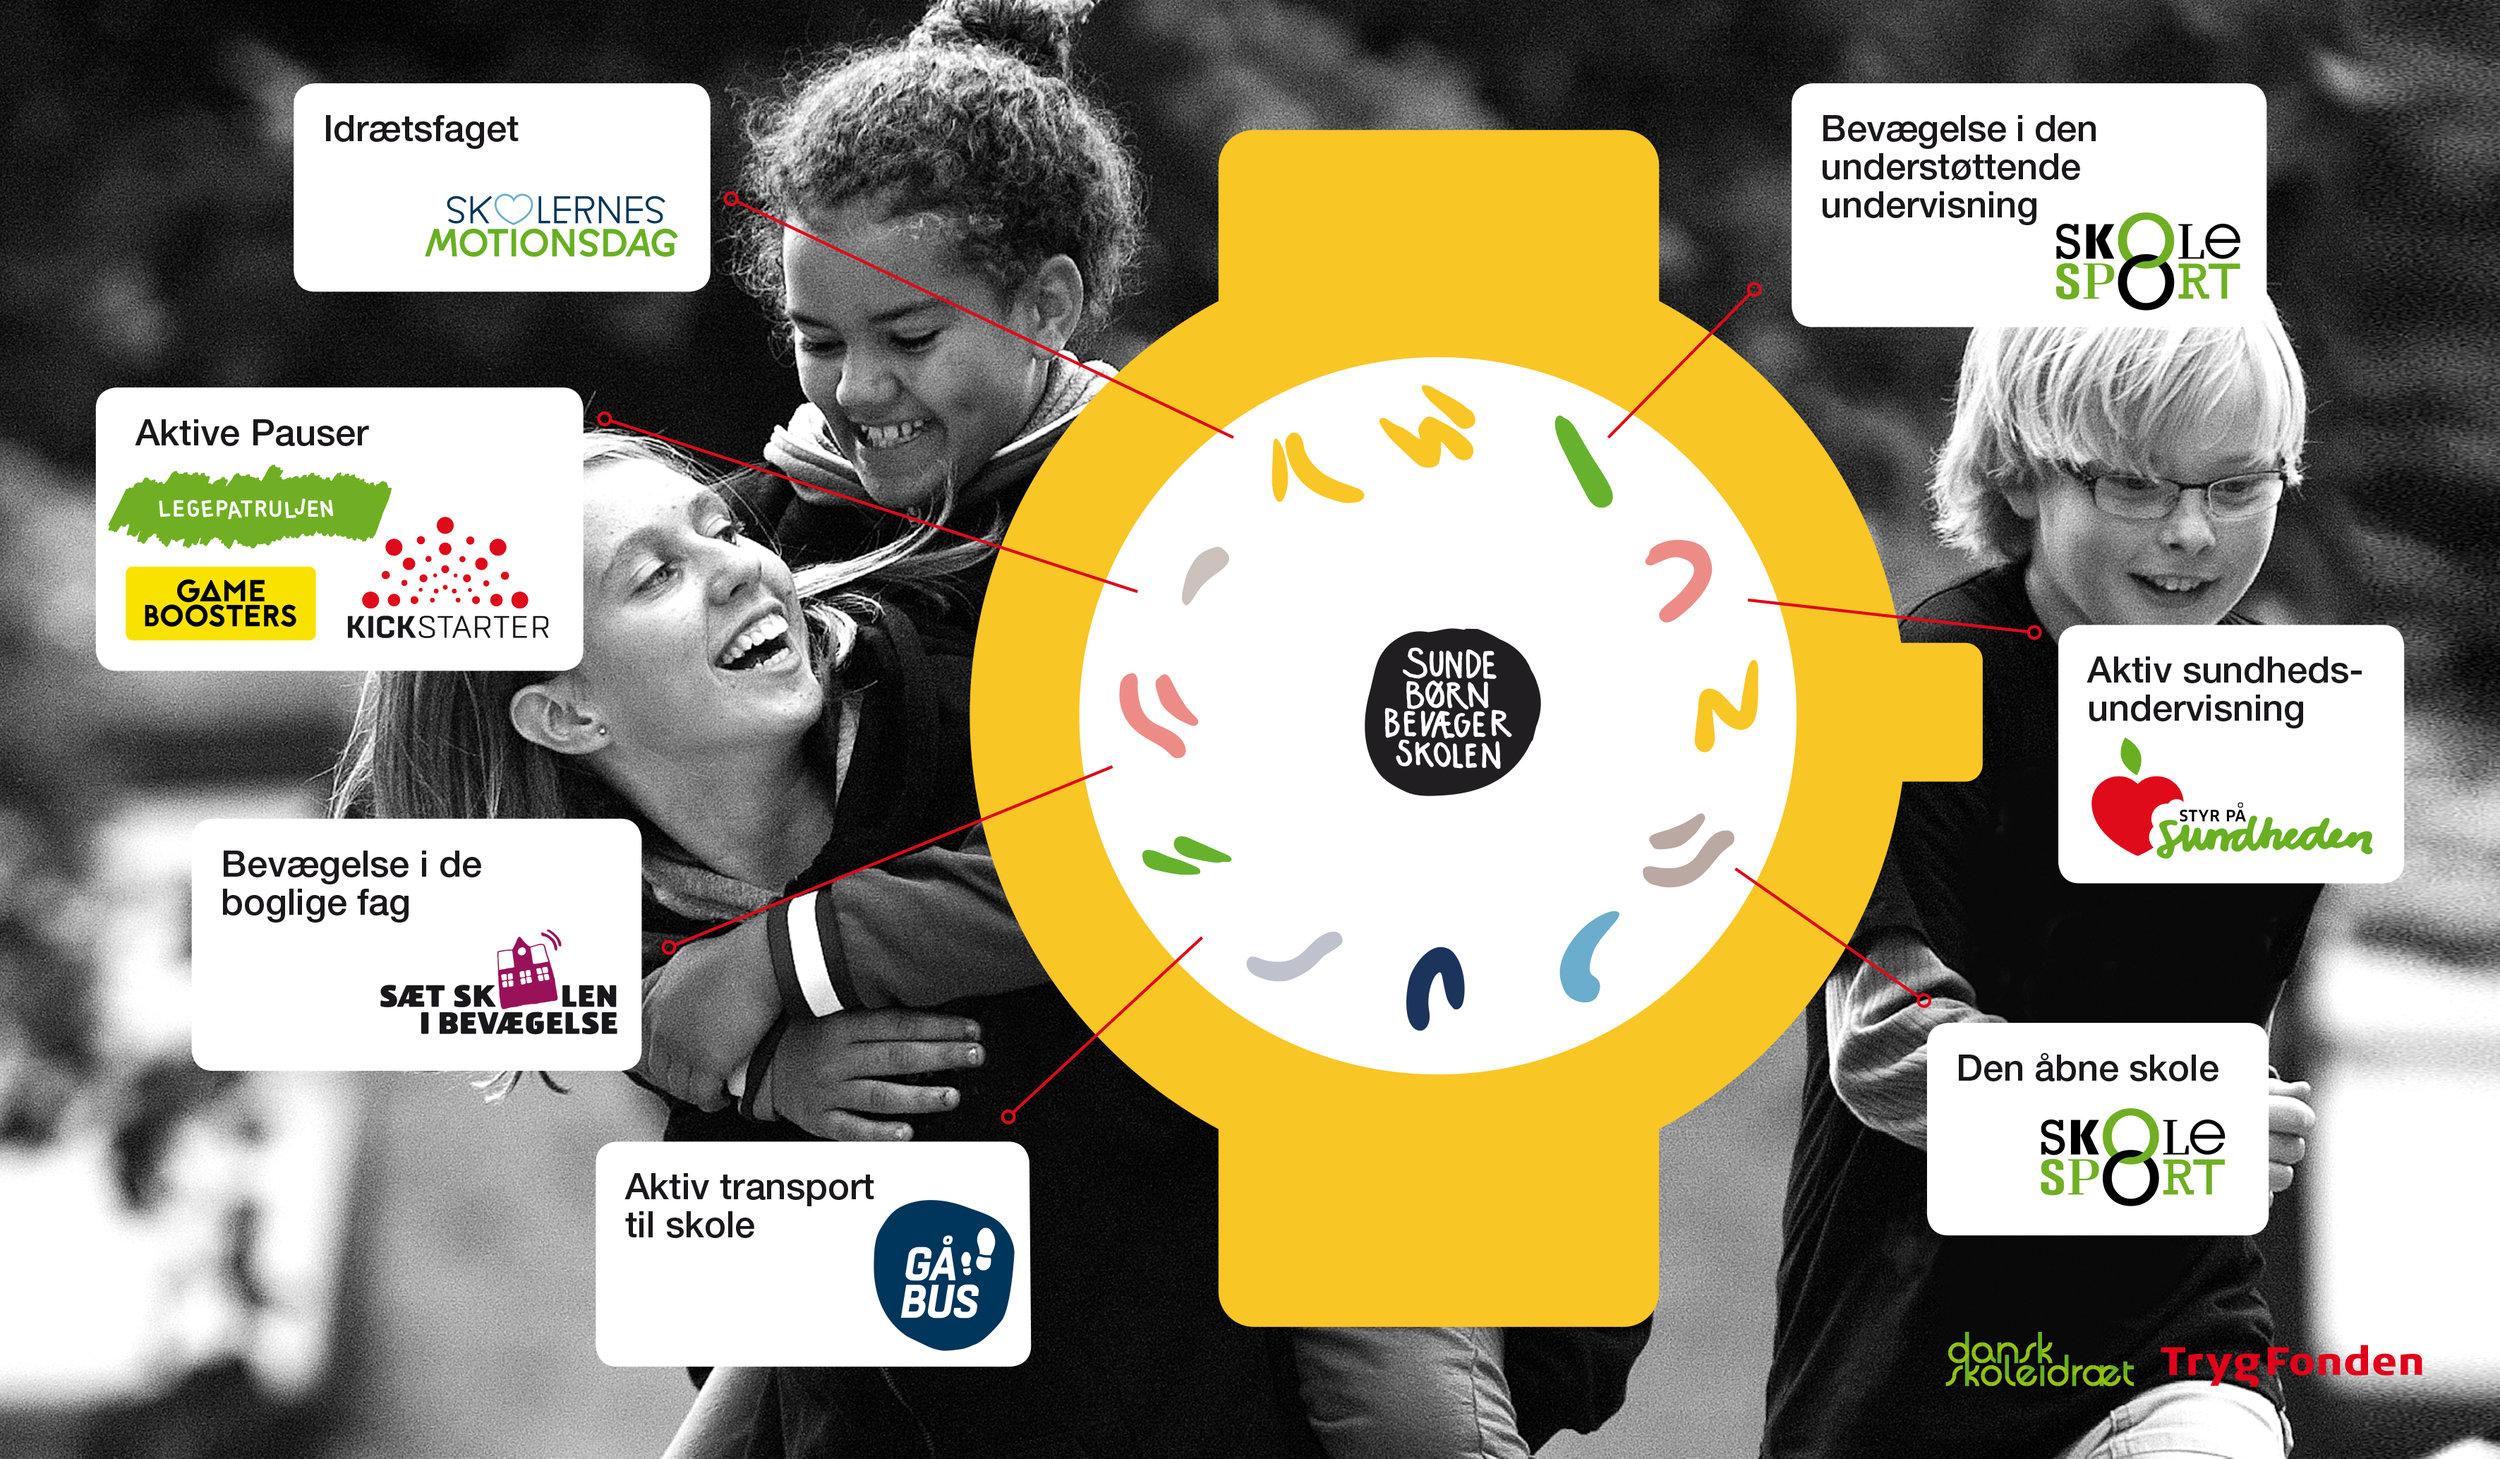 Indsatserne i Sunde Børn Bevæger Skolen bygger bl.a. på de positive effekter, vi med sikkerhed ved, der er ved idræt, motion og bevægelse. Klik på billedet af uret for at læse en række faktaark, der er blevet udviklet i programmet. De beskriver effekterne af fysisk aktivitet på den kognitive, motoriske, sociale, mentale og emotionelle udvikling.